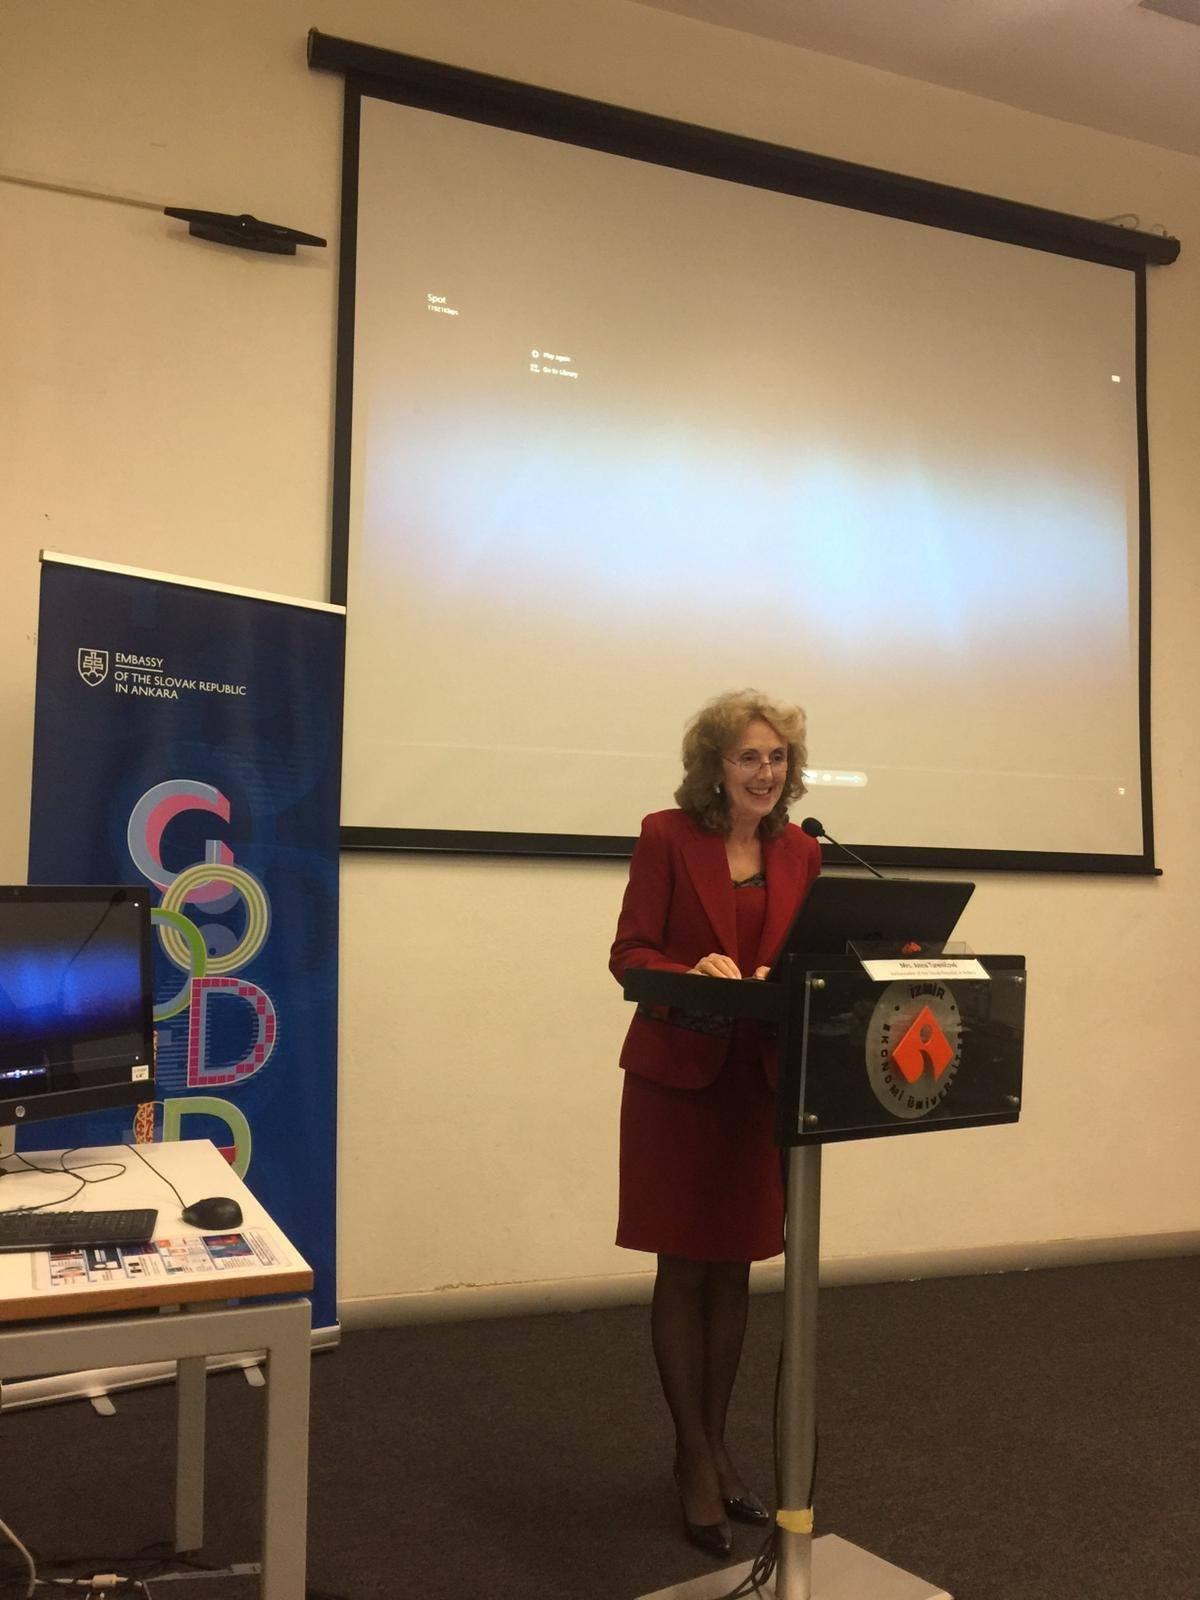 Slovakya'nın Ankara Büyükelçi Sn. Tureničová, Diplomaside Protokol üzerine bir seminer verdi